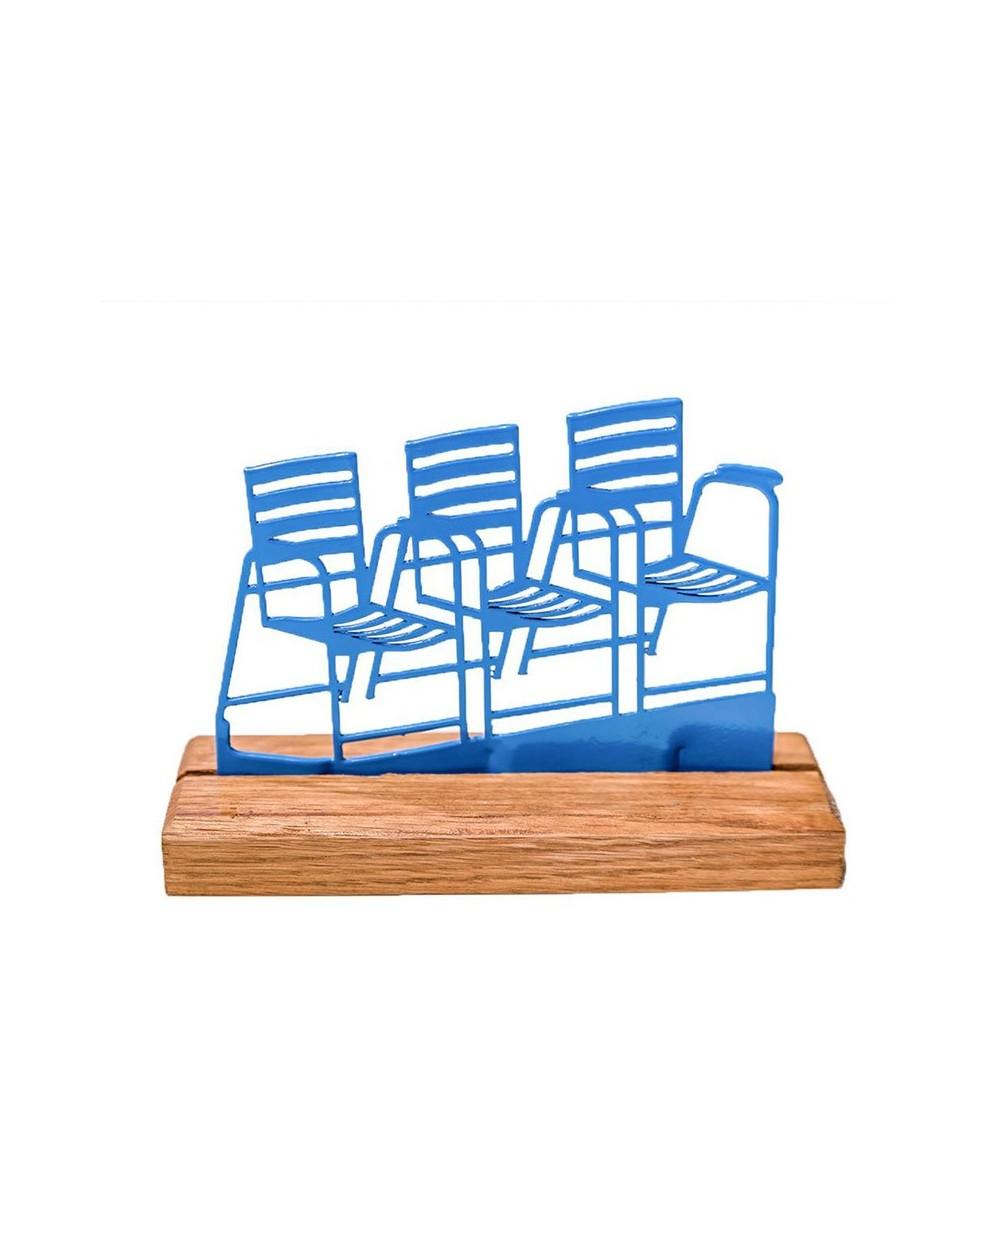 3 Chaises Bleues sur socle en bois (série limitée)